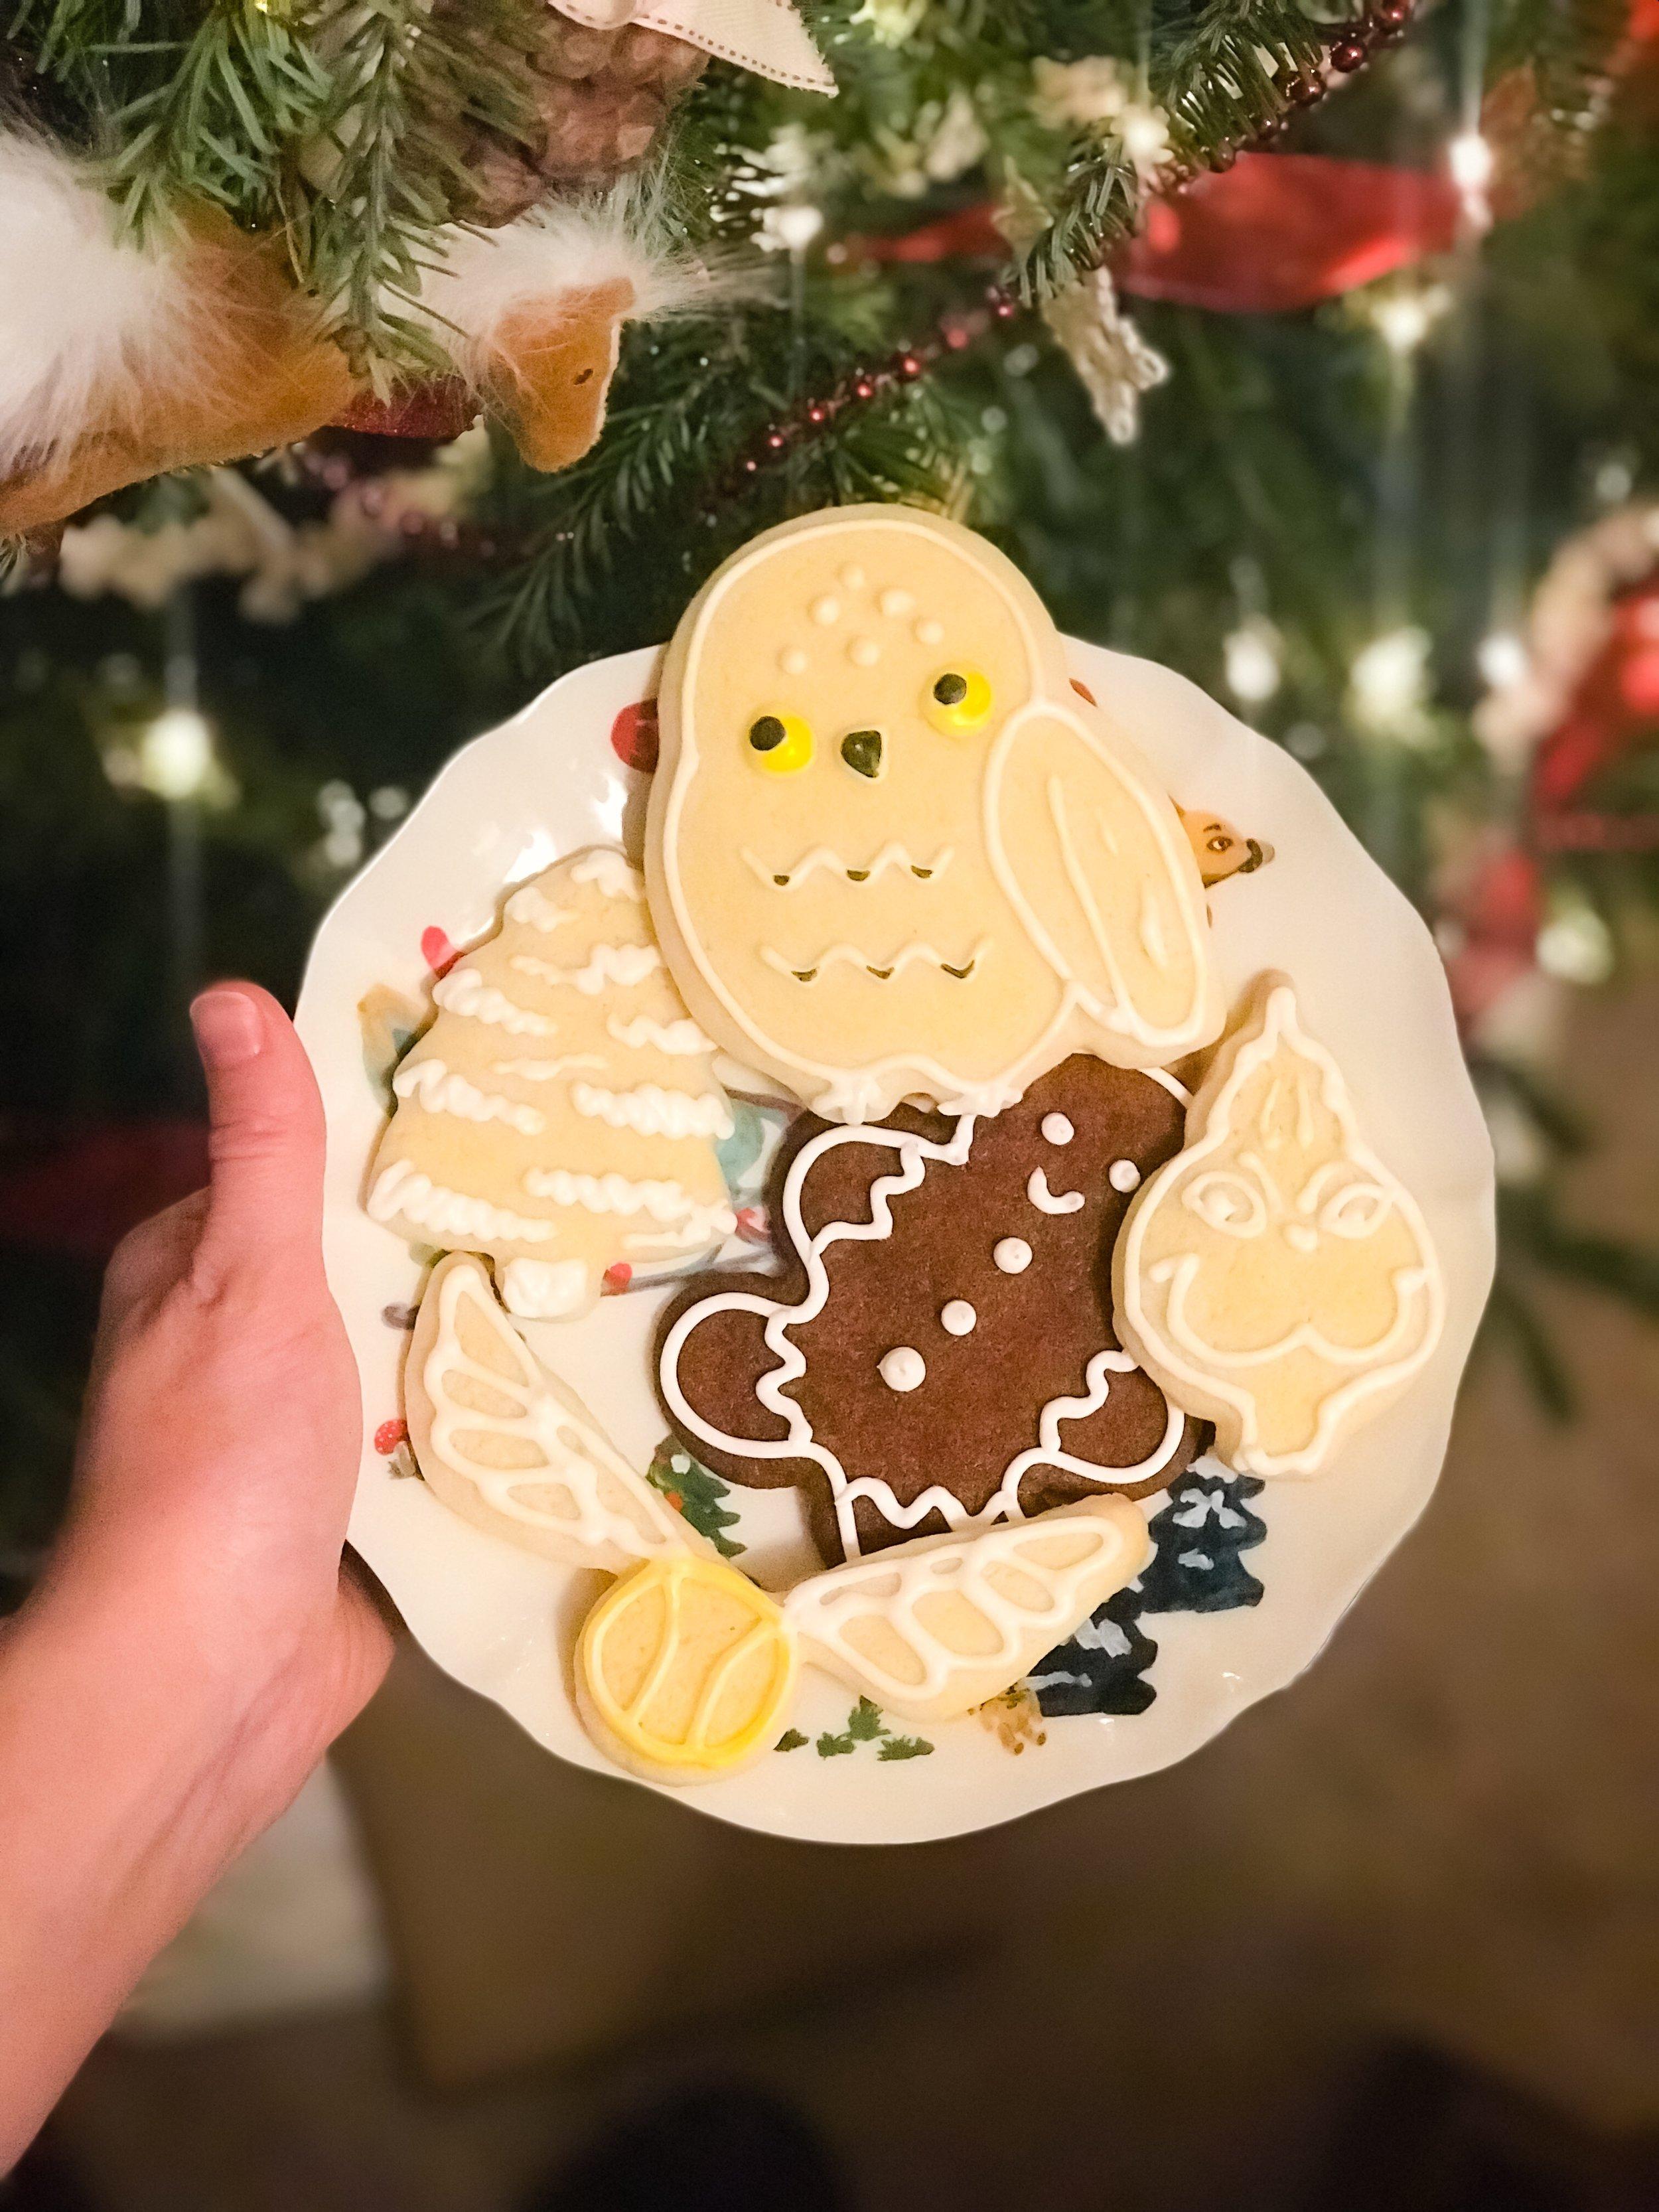 So Santa got Hedwig in his cookies.